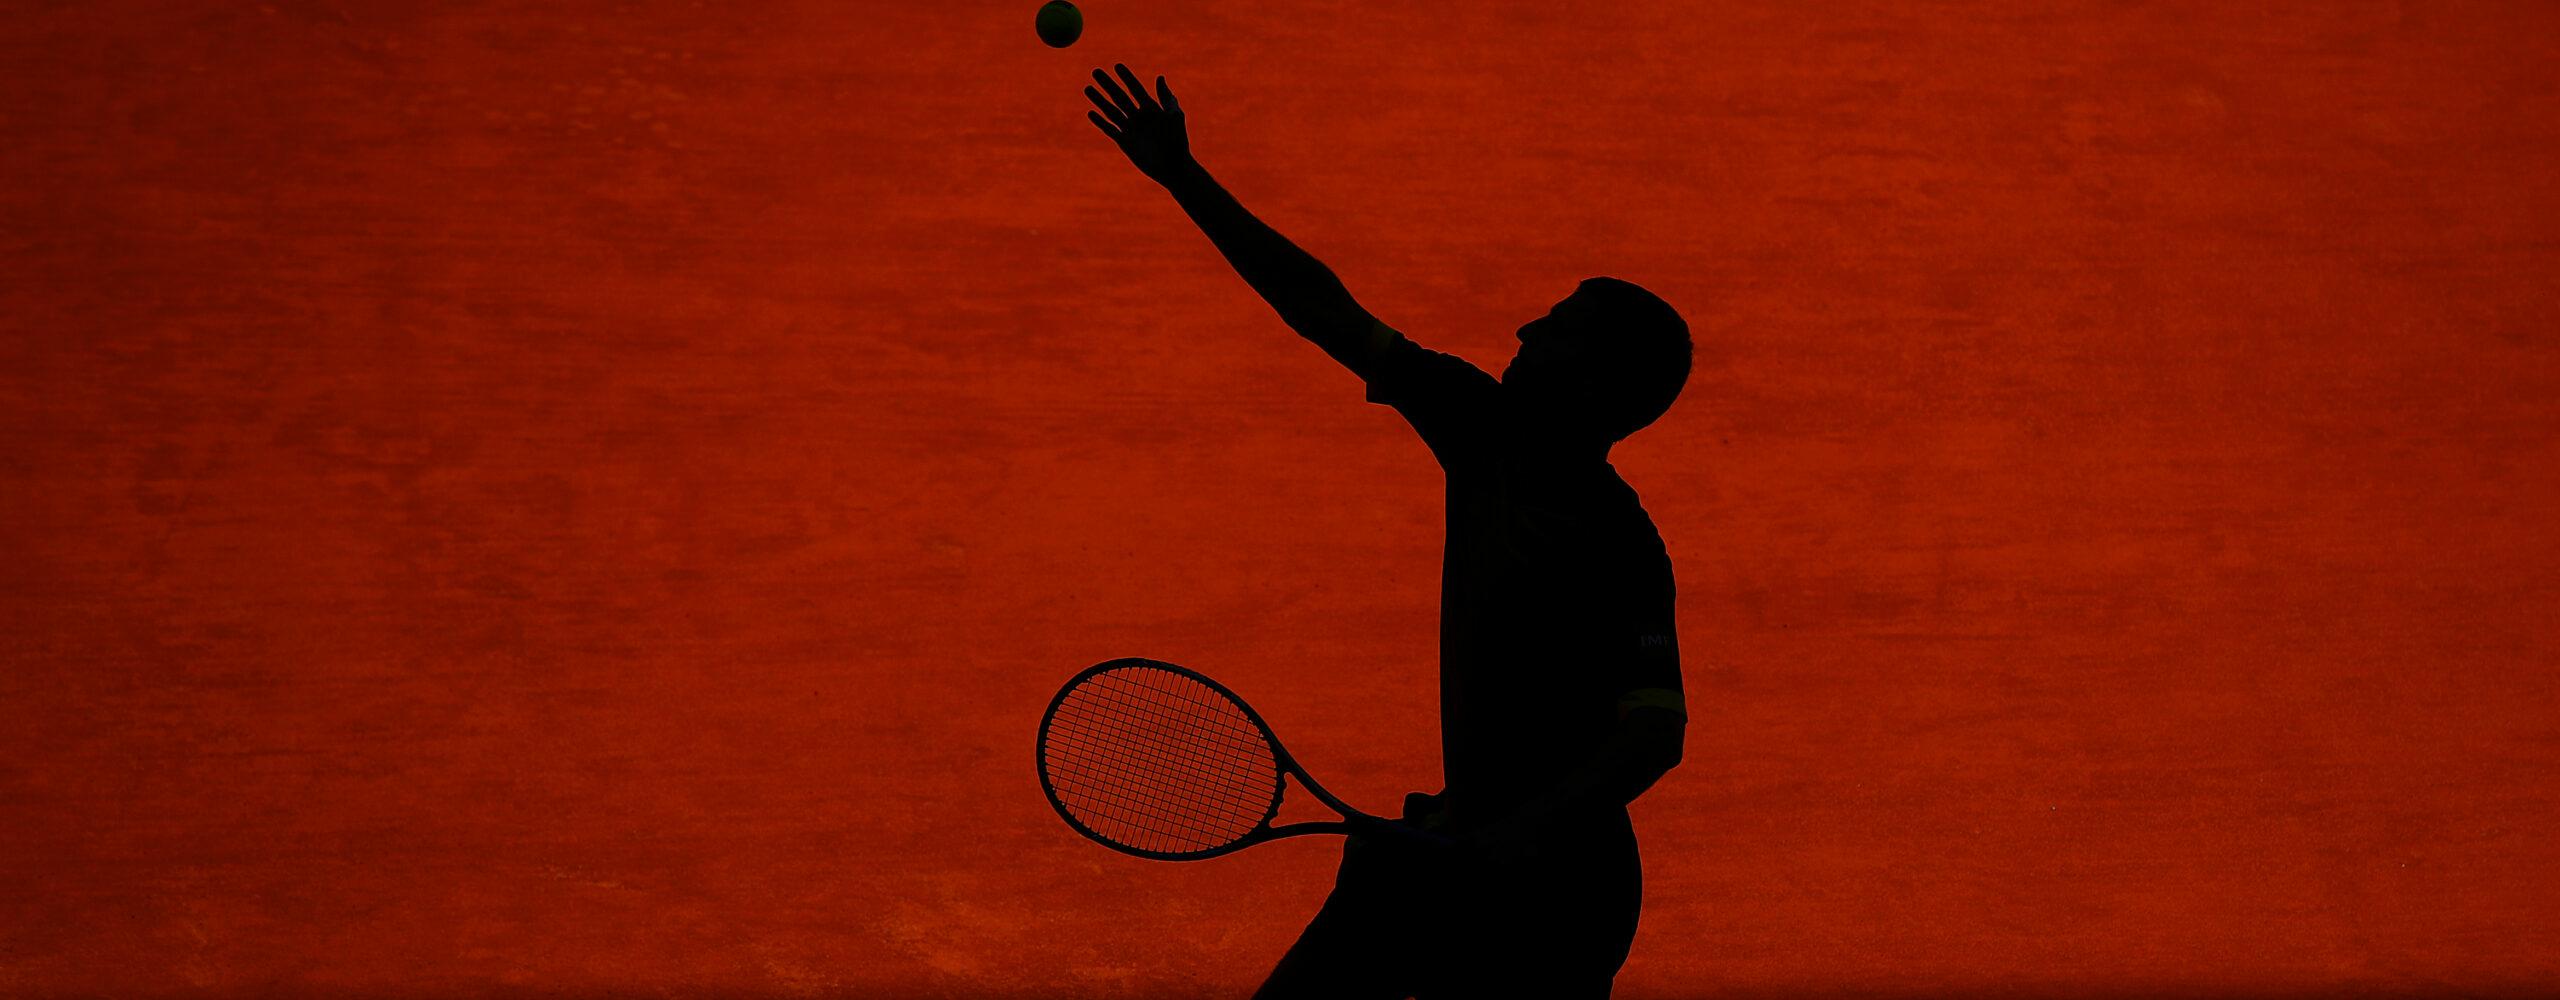 Pronostici ATP Madrid: Berrettini-Delbonis vale i quarti, Medvedev a rischio con Garin